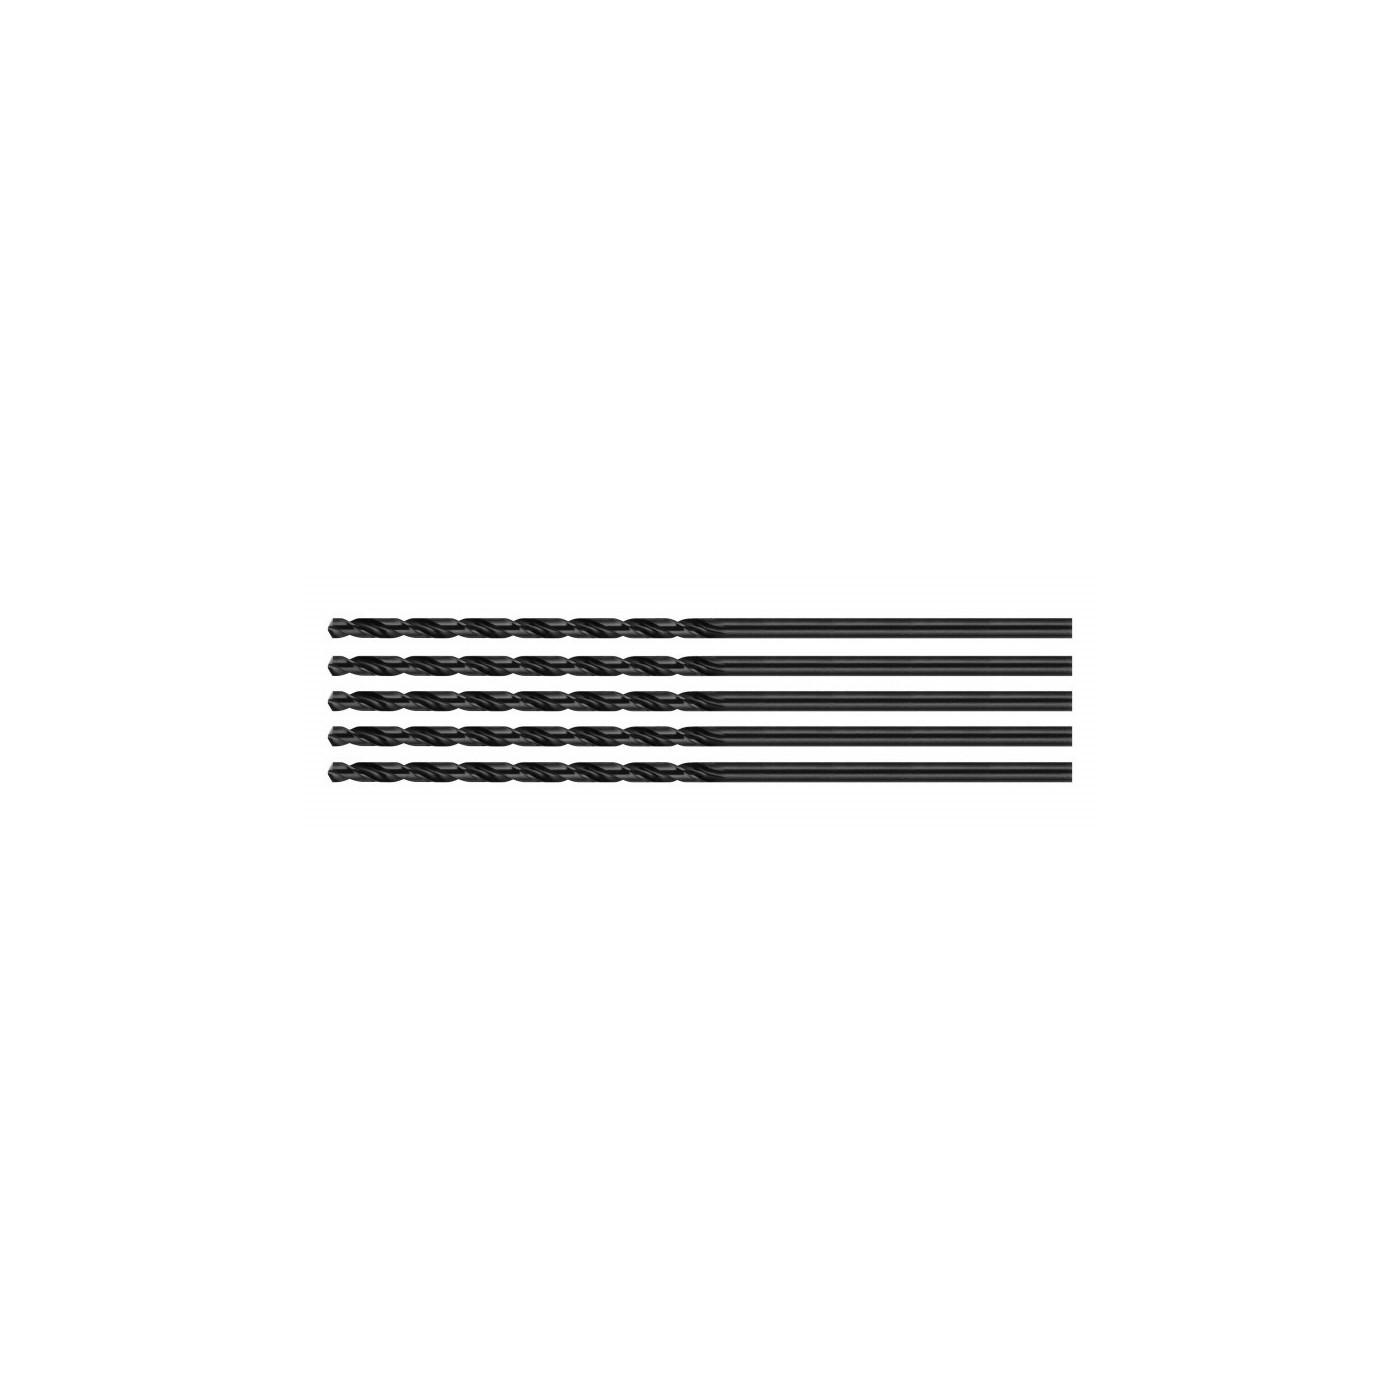 Set van 5 metaalboren (HSS, 3,2x160 mm)  - 1